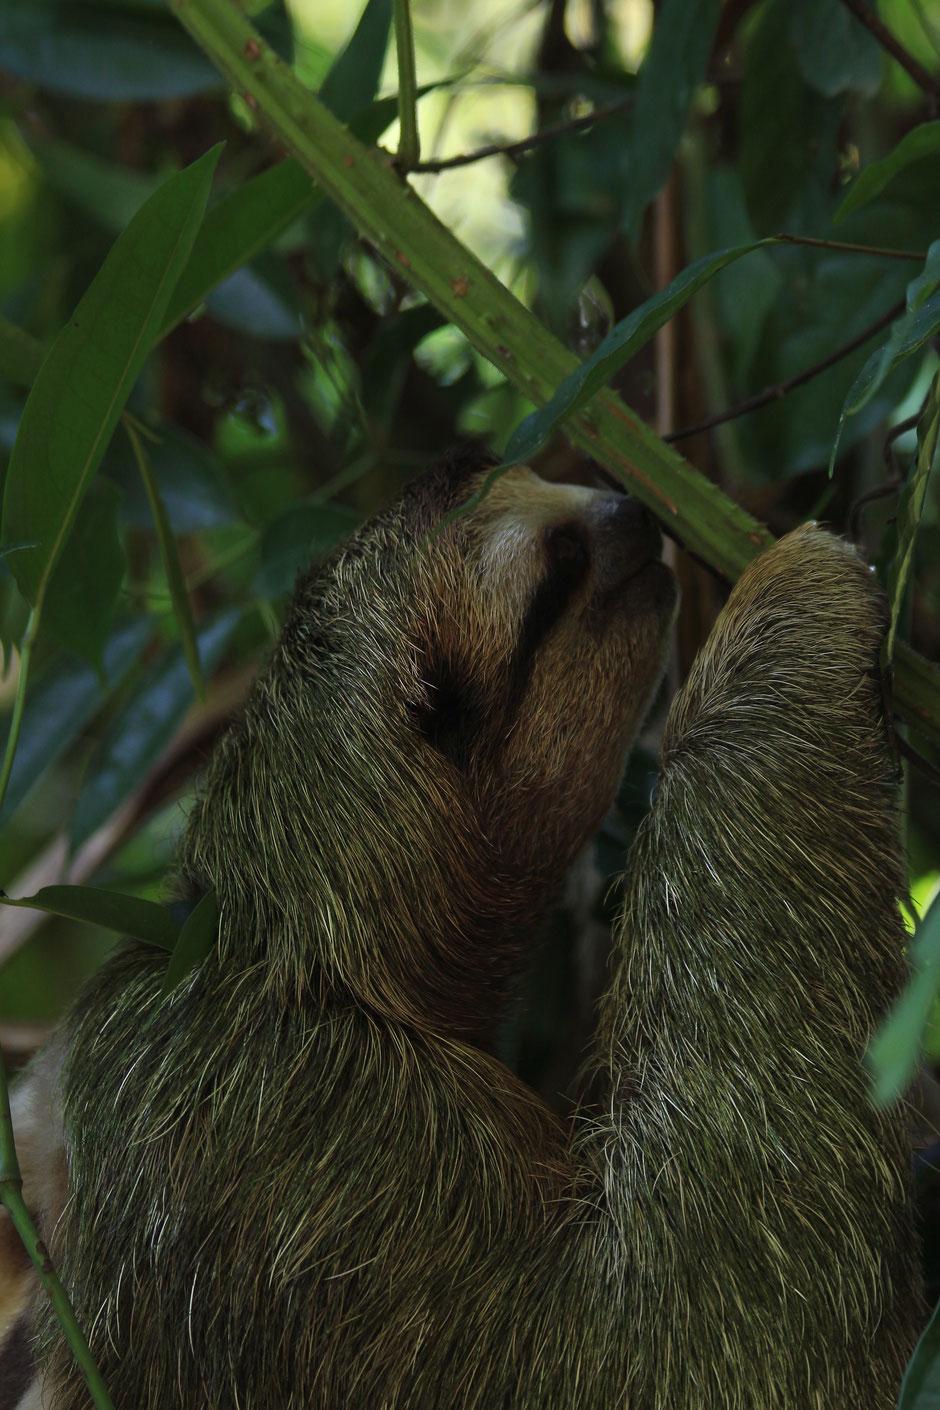 Paresseux à trois doigts Parc national de Manuel Antonio. Road trip au Costa Rica. www.missaventure.com blog voyage d'aventures, nature et photos